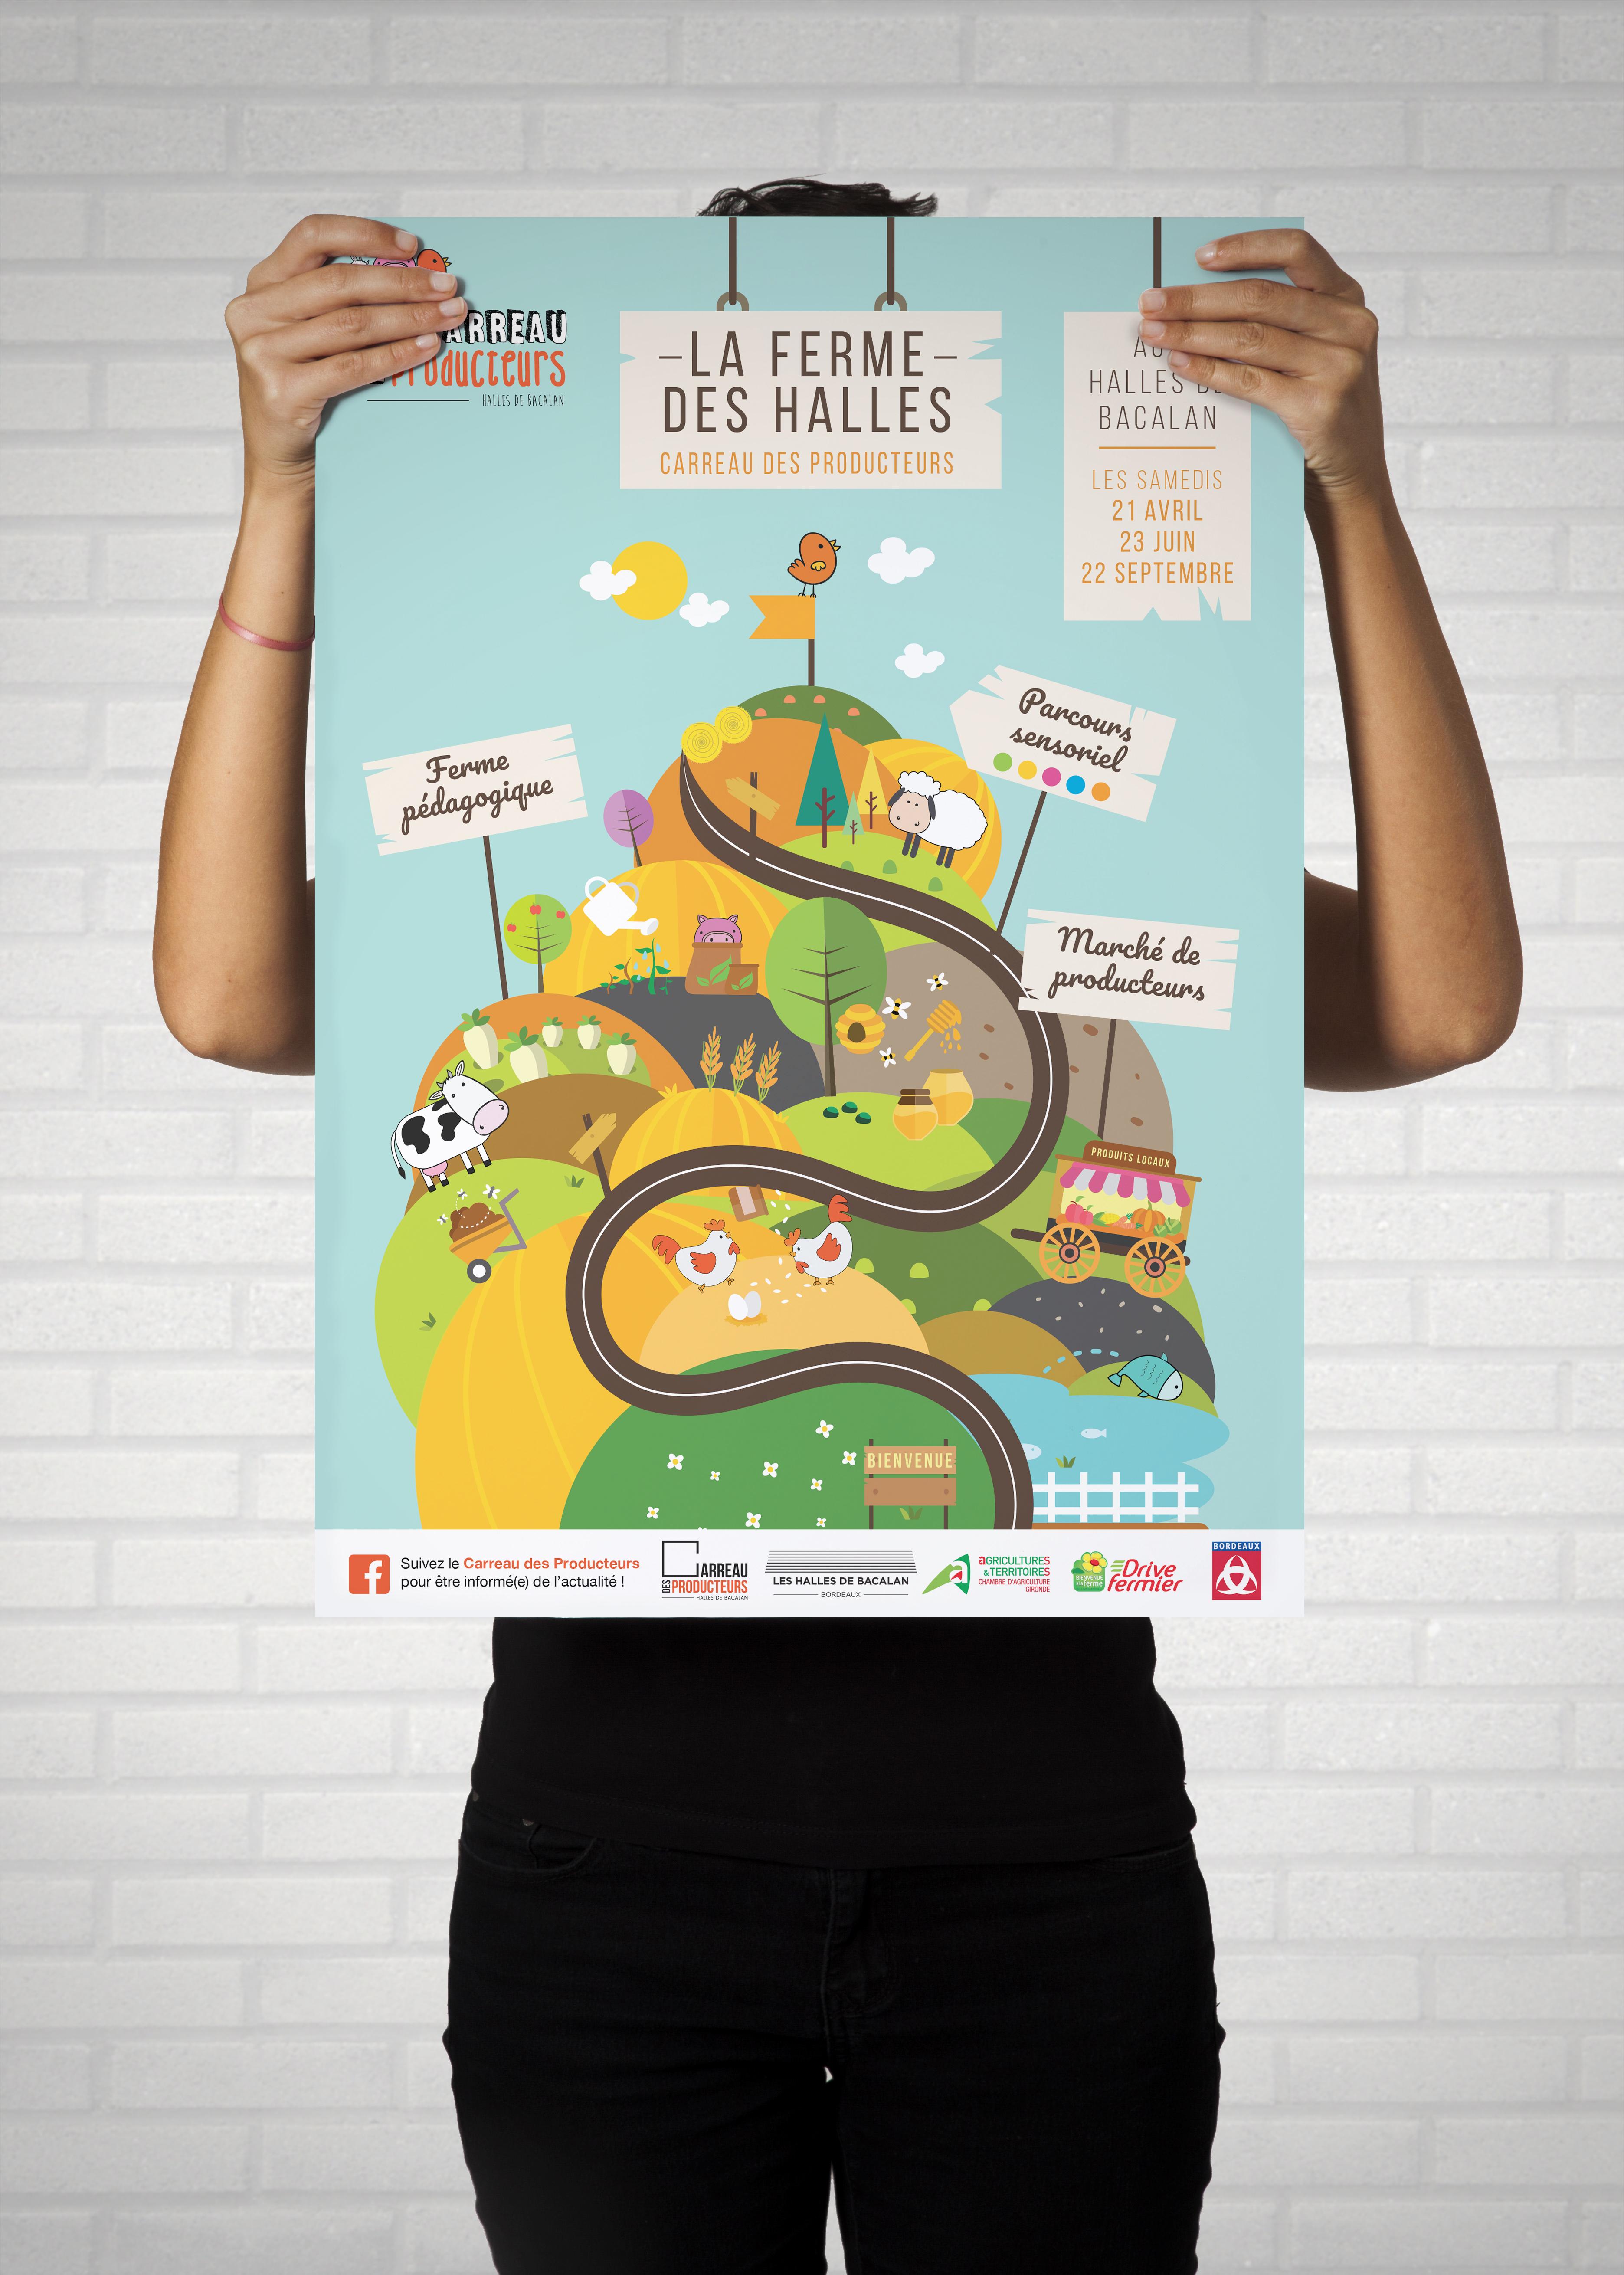 Affiche pour la ferme des halles